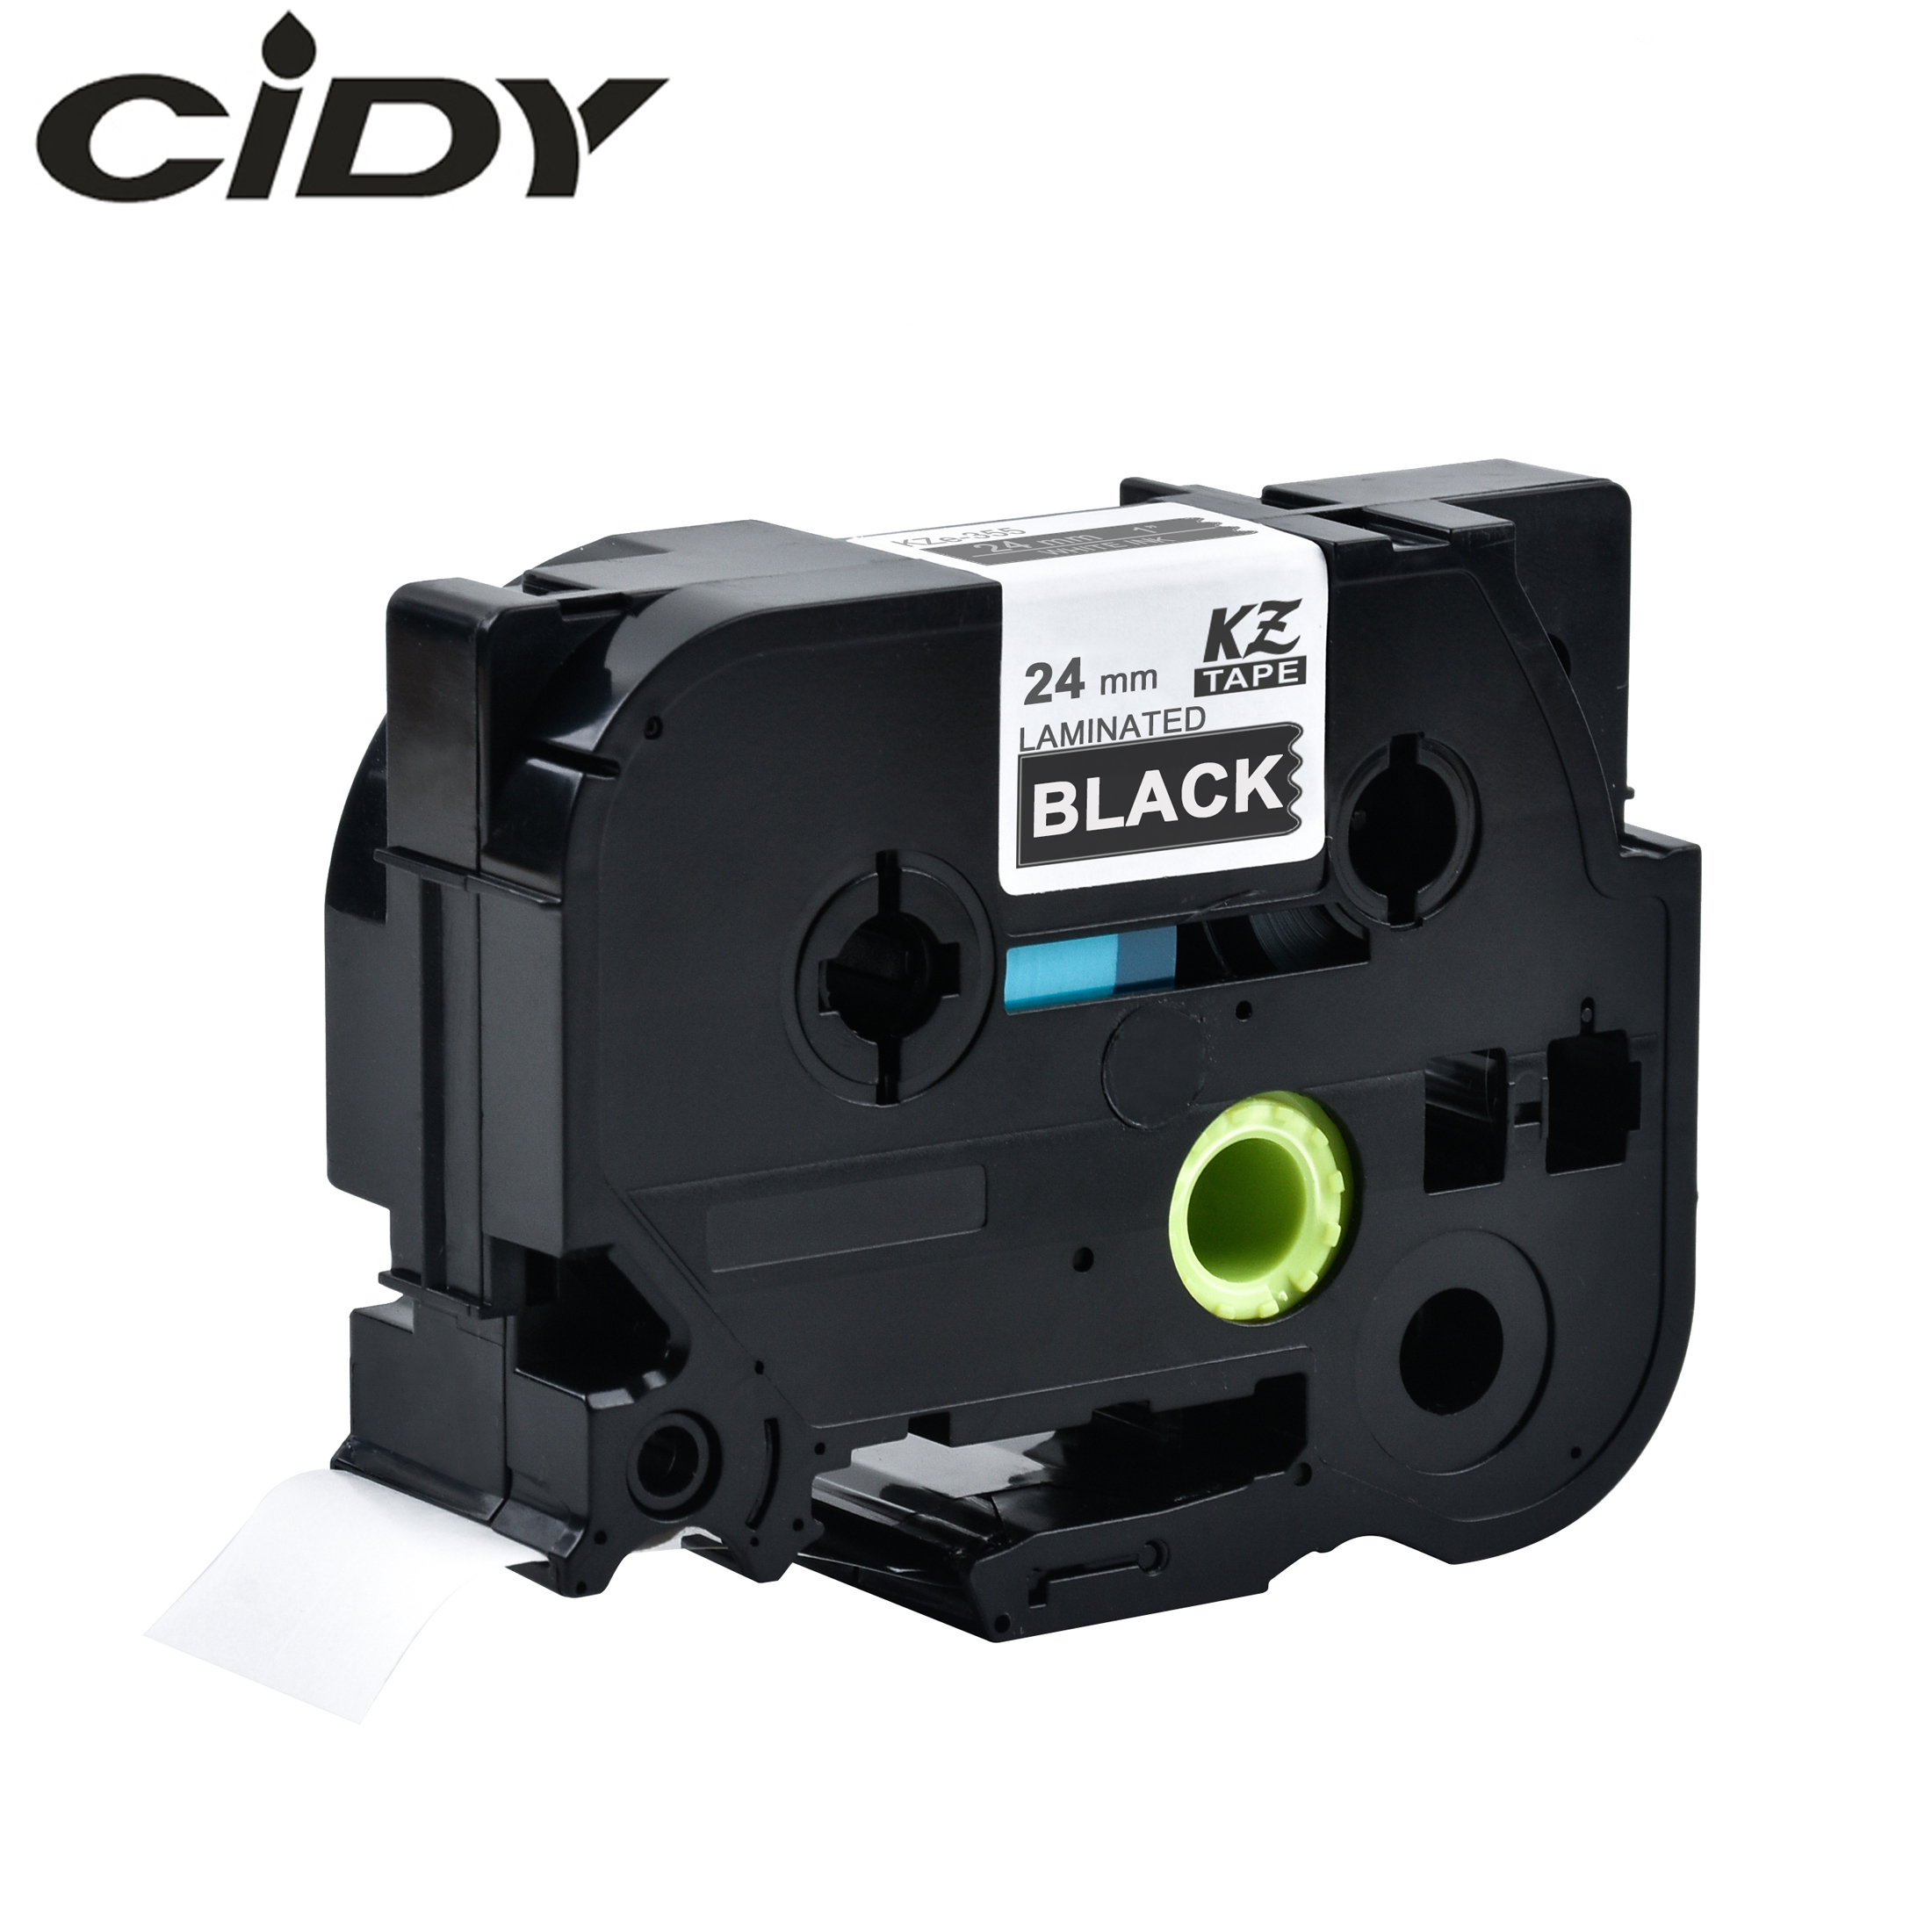 CIDY Tze 355 Tz355 24mm White On Black Laminated Tze Compatible P Touch 24mm Tze-355 Tz-355 Tze355 Label Tape Cassette Cartridge